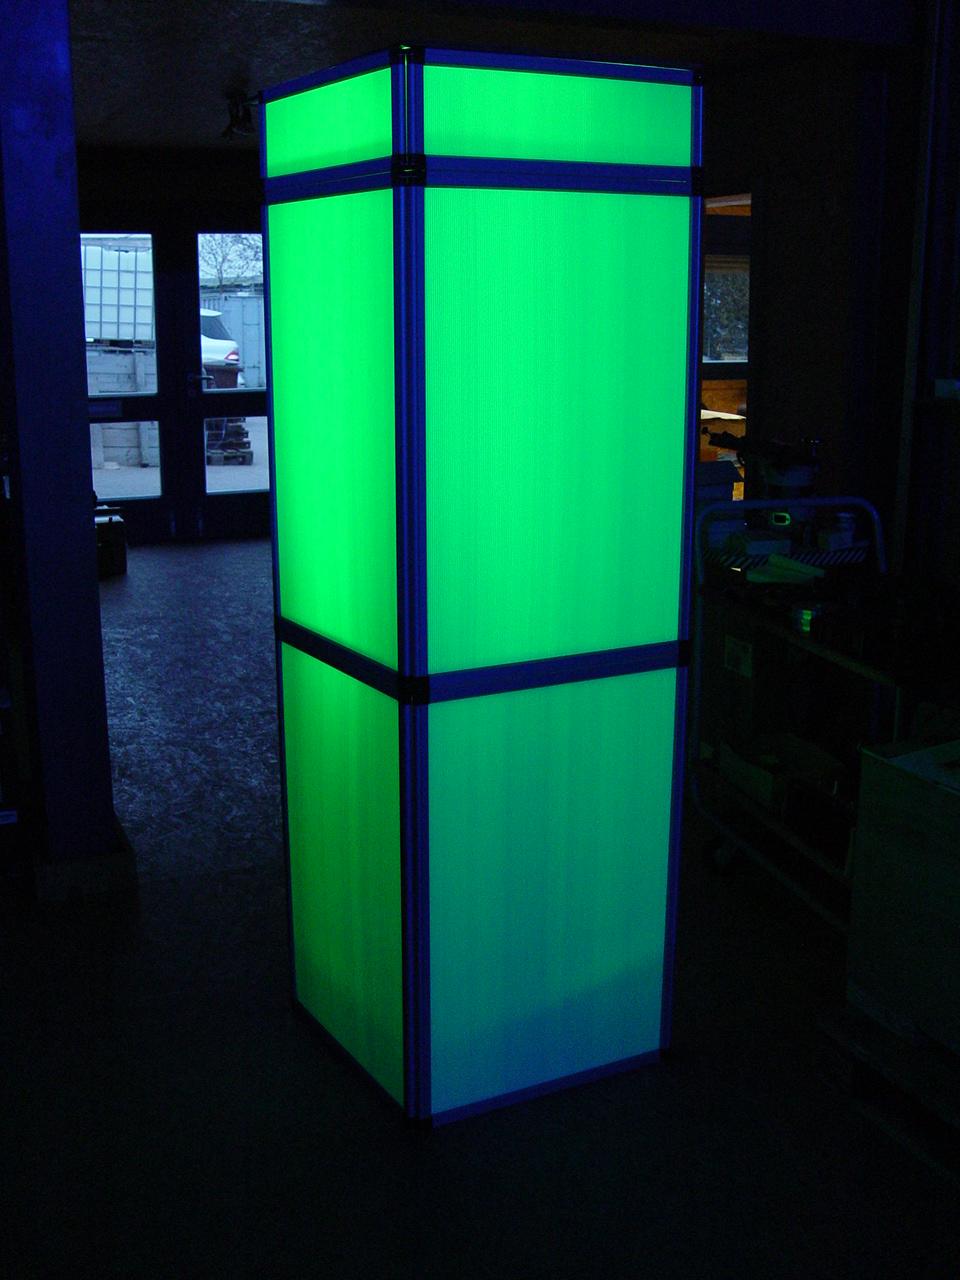 Led leuchtkasten 2m tagesmiete mieten for Leuchtkasten deko